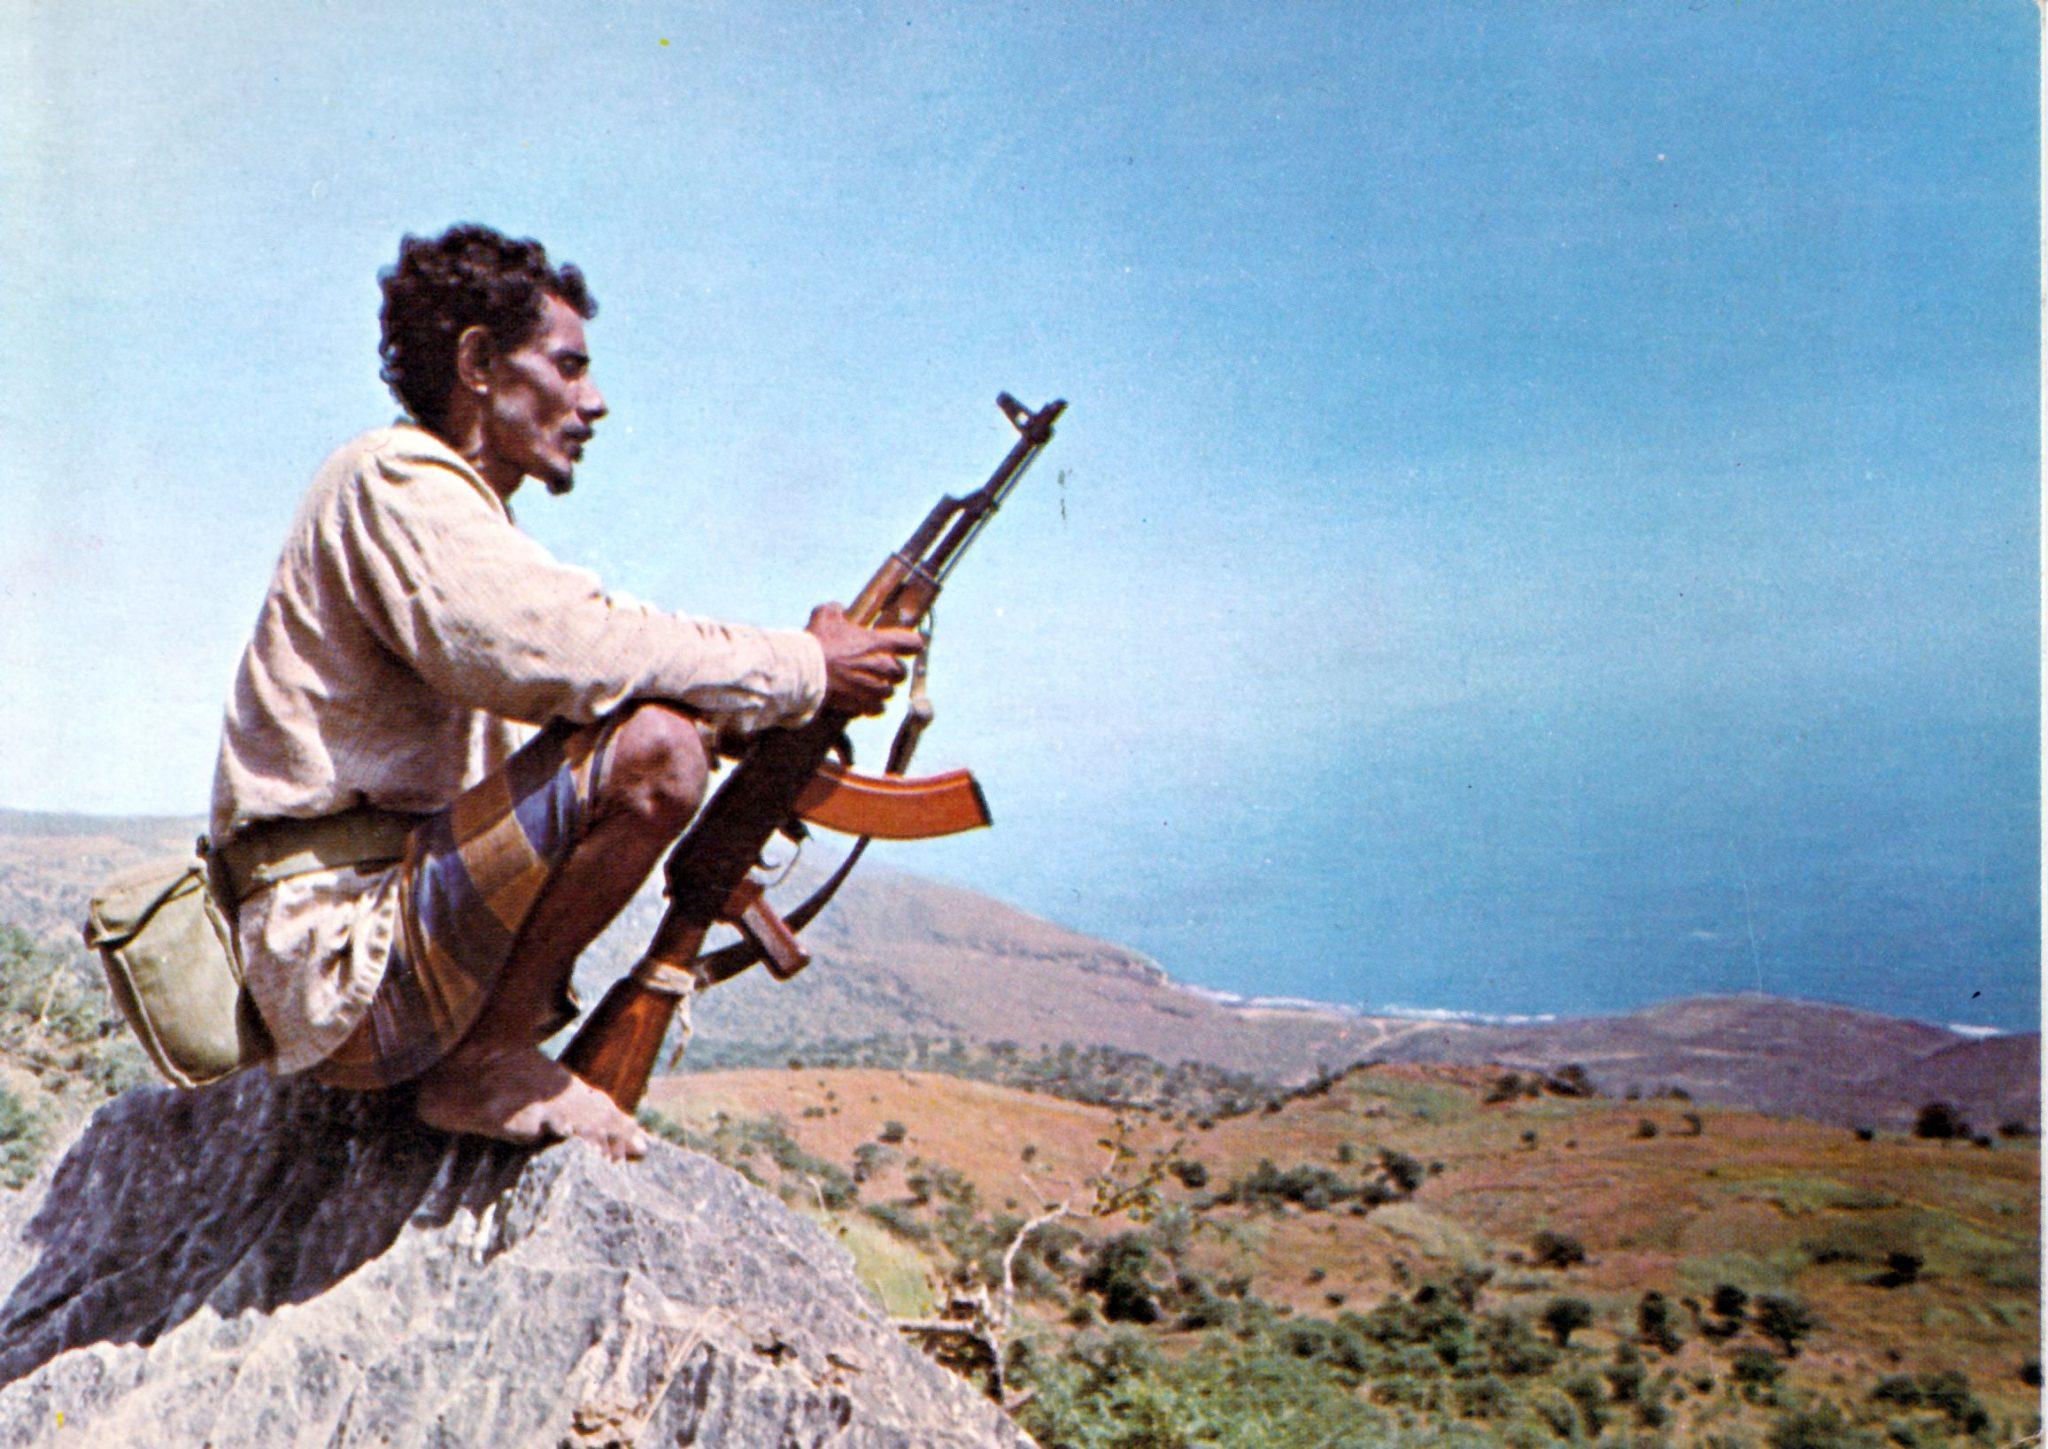 Målet for omanske revolutionære: Frihed og Værdighed